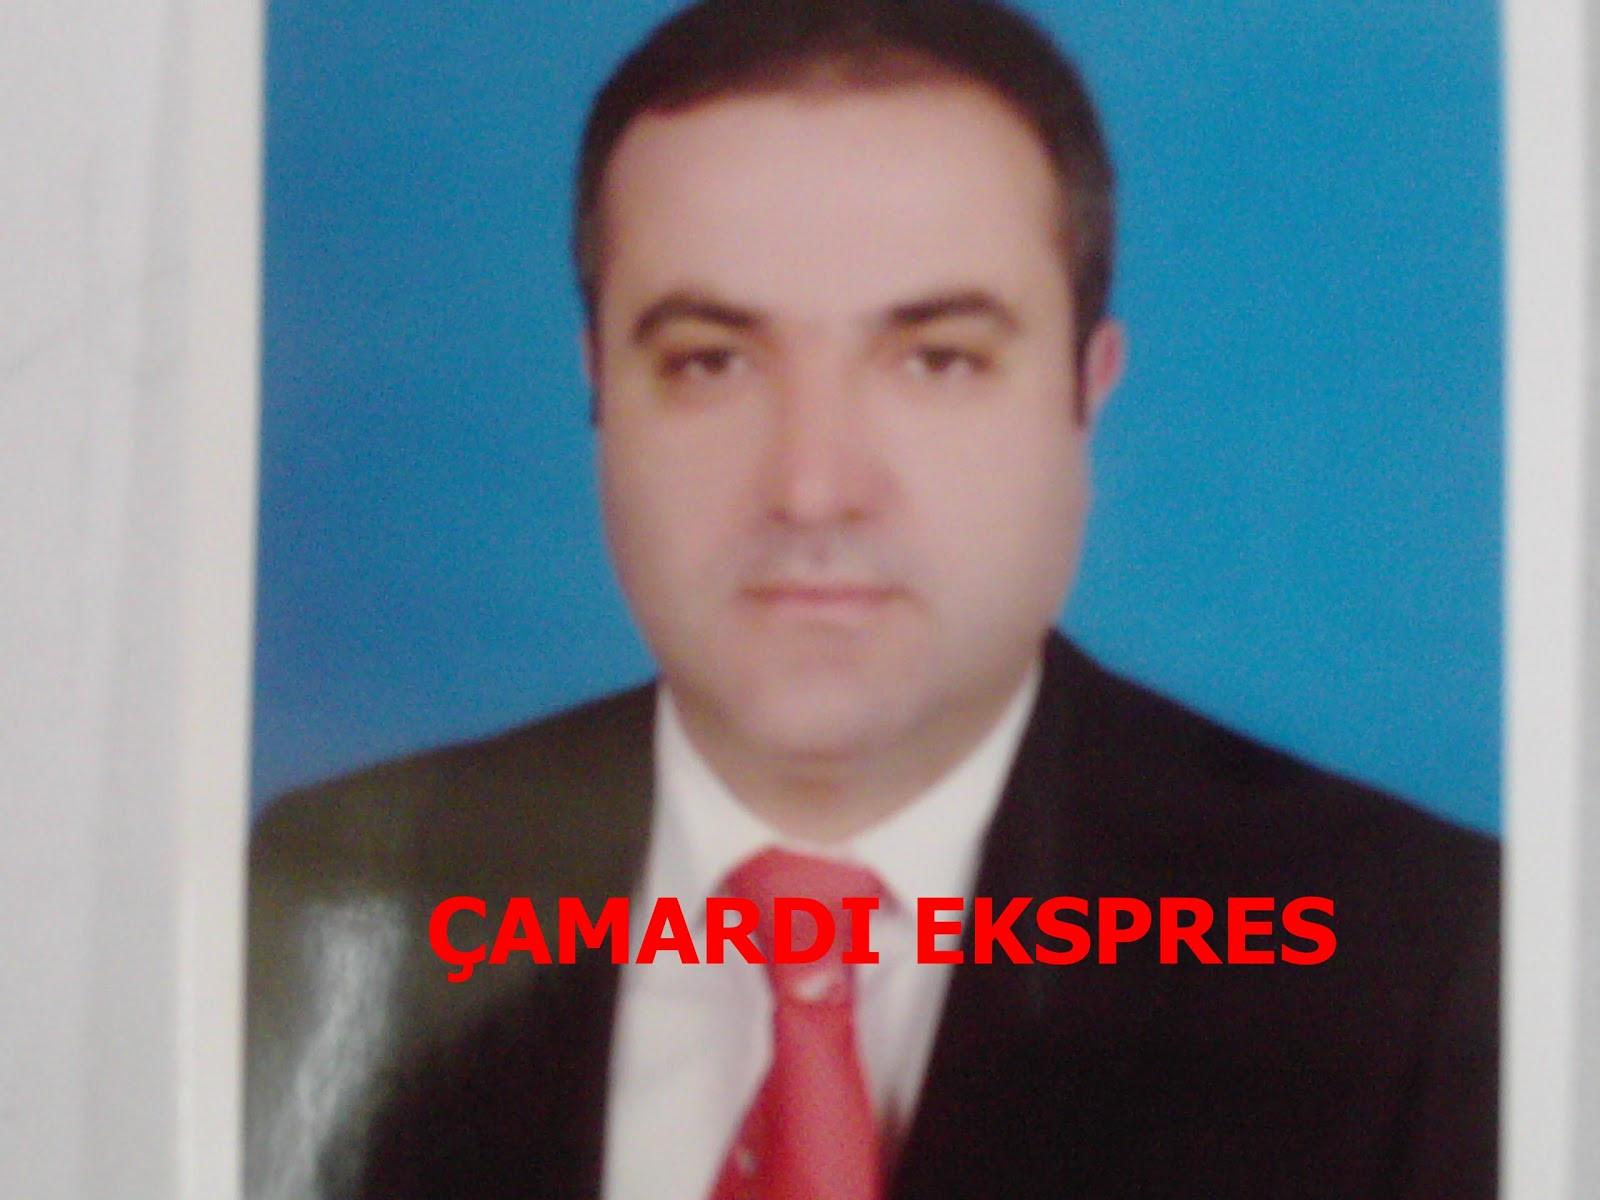 Camardi_7